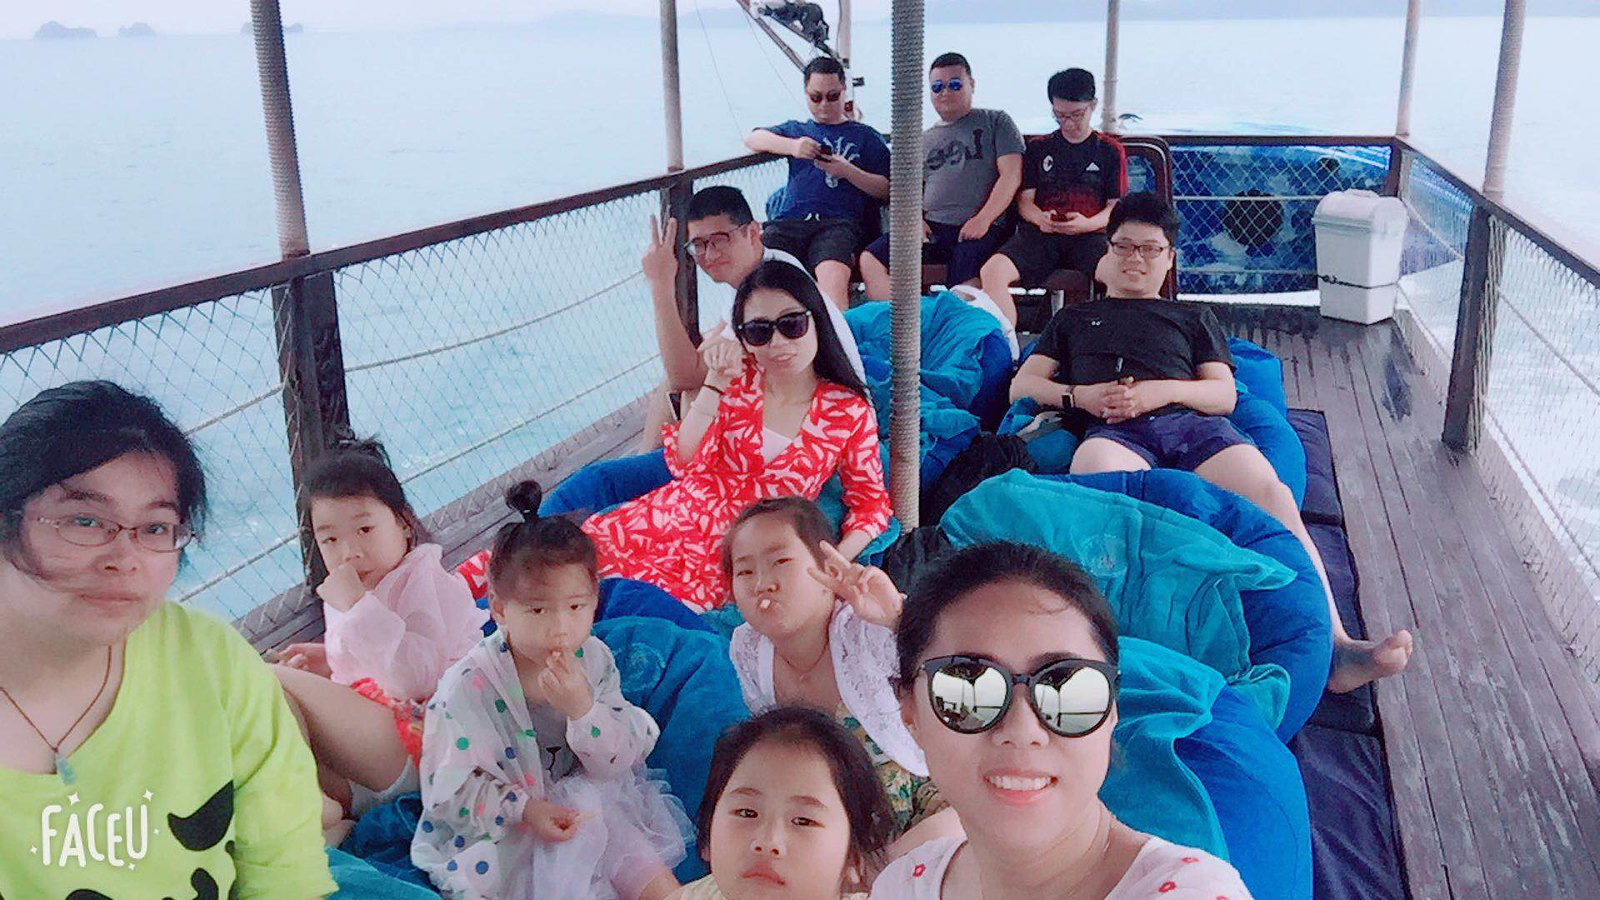 2018春节泰国曼谷-华欣-塔沙革/Ban Krut-苏梅岛一路向南自驾游 泰国旅游 第177张